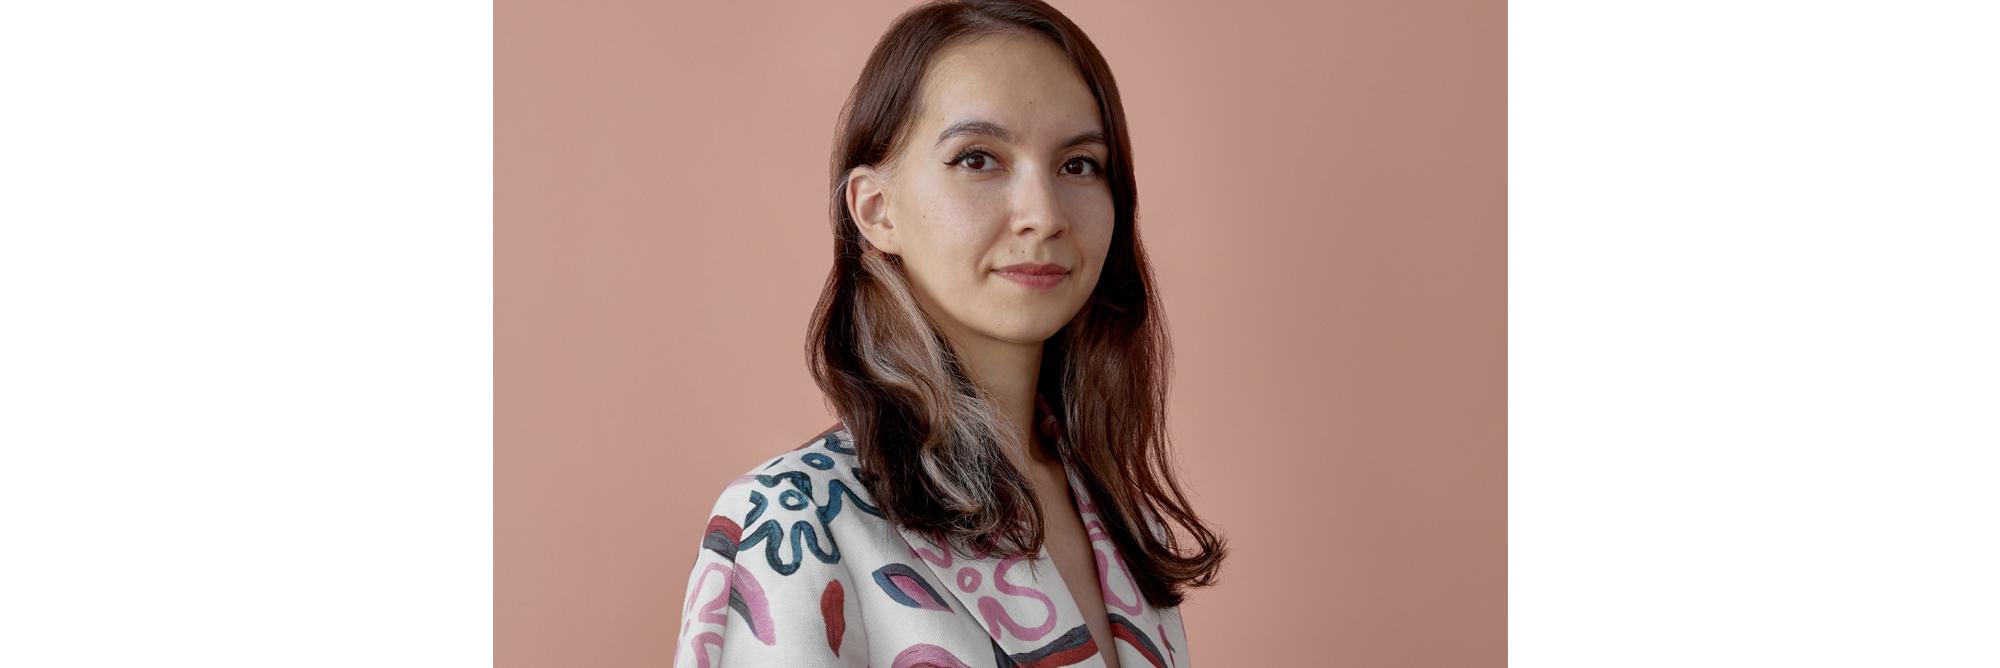 Sabinna Rachimova – SABINNA